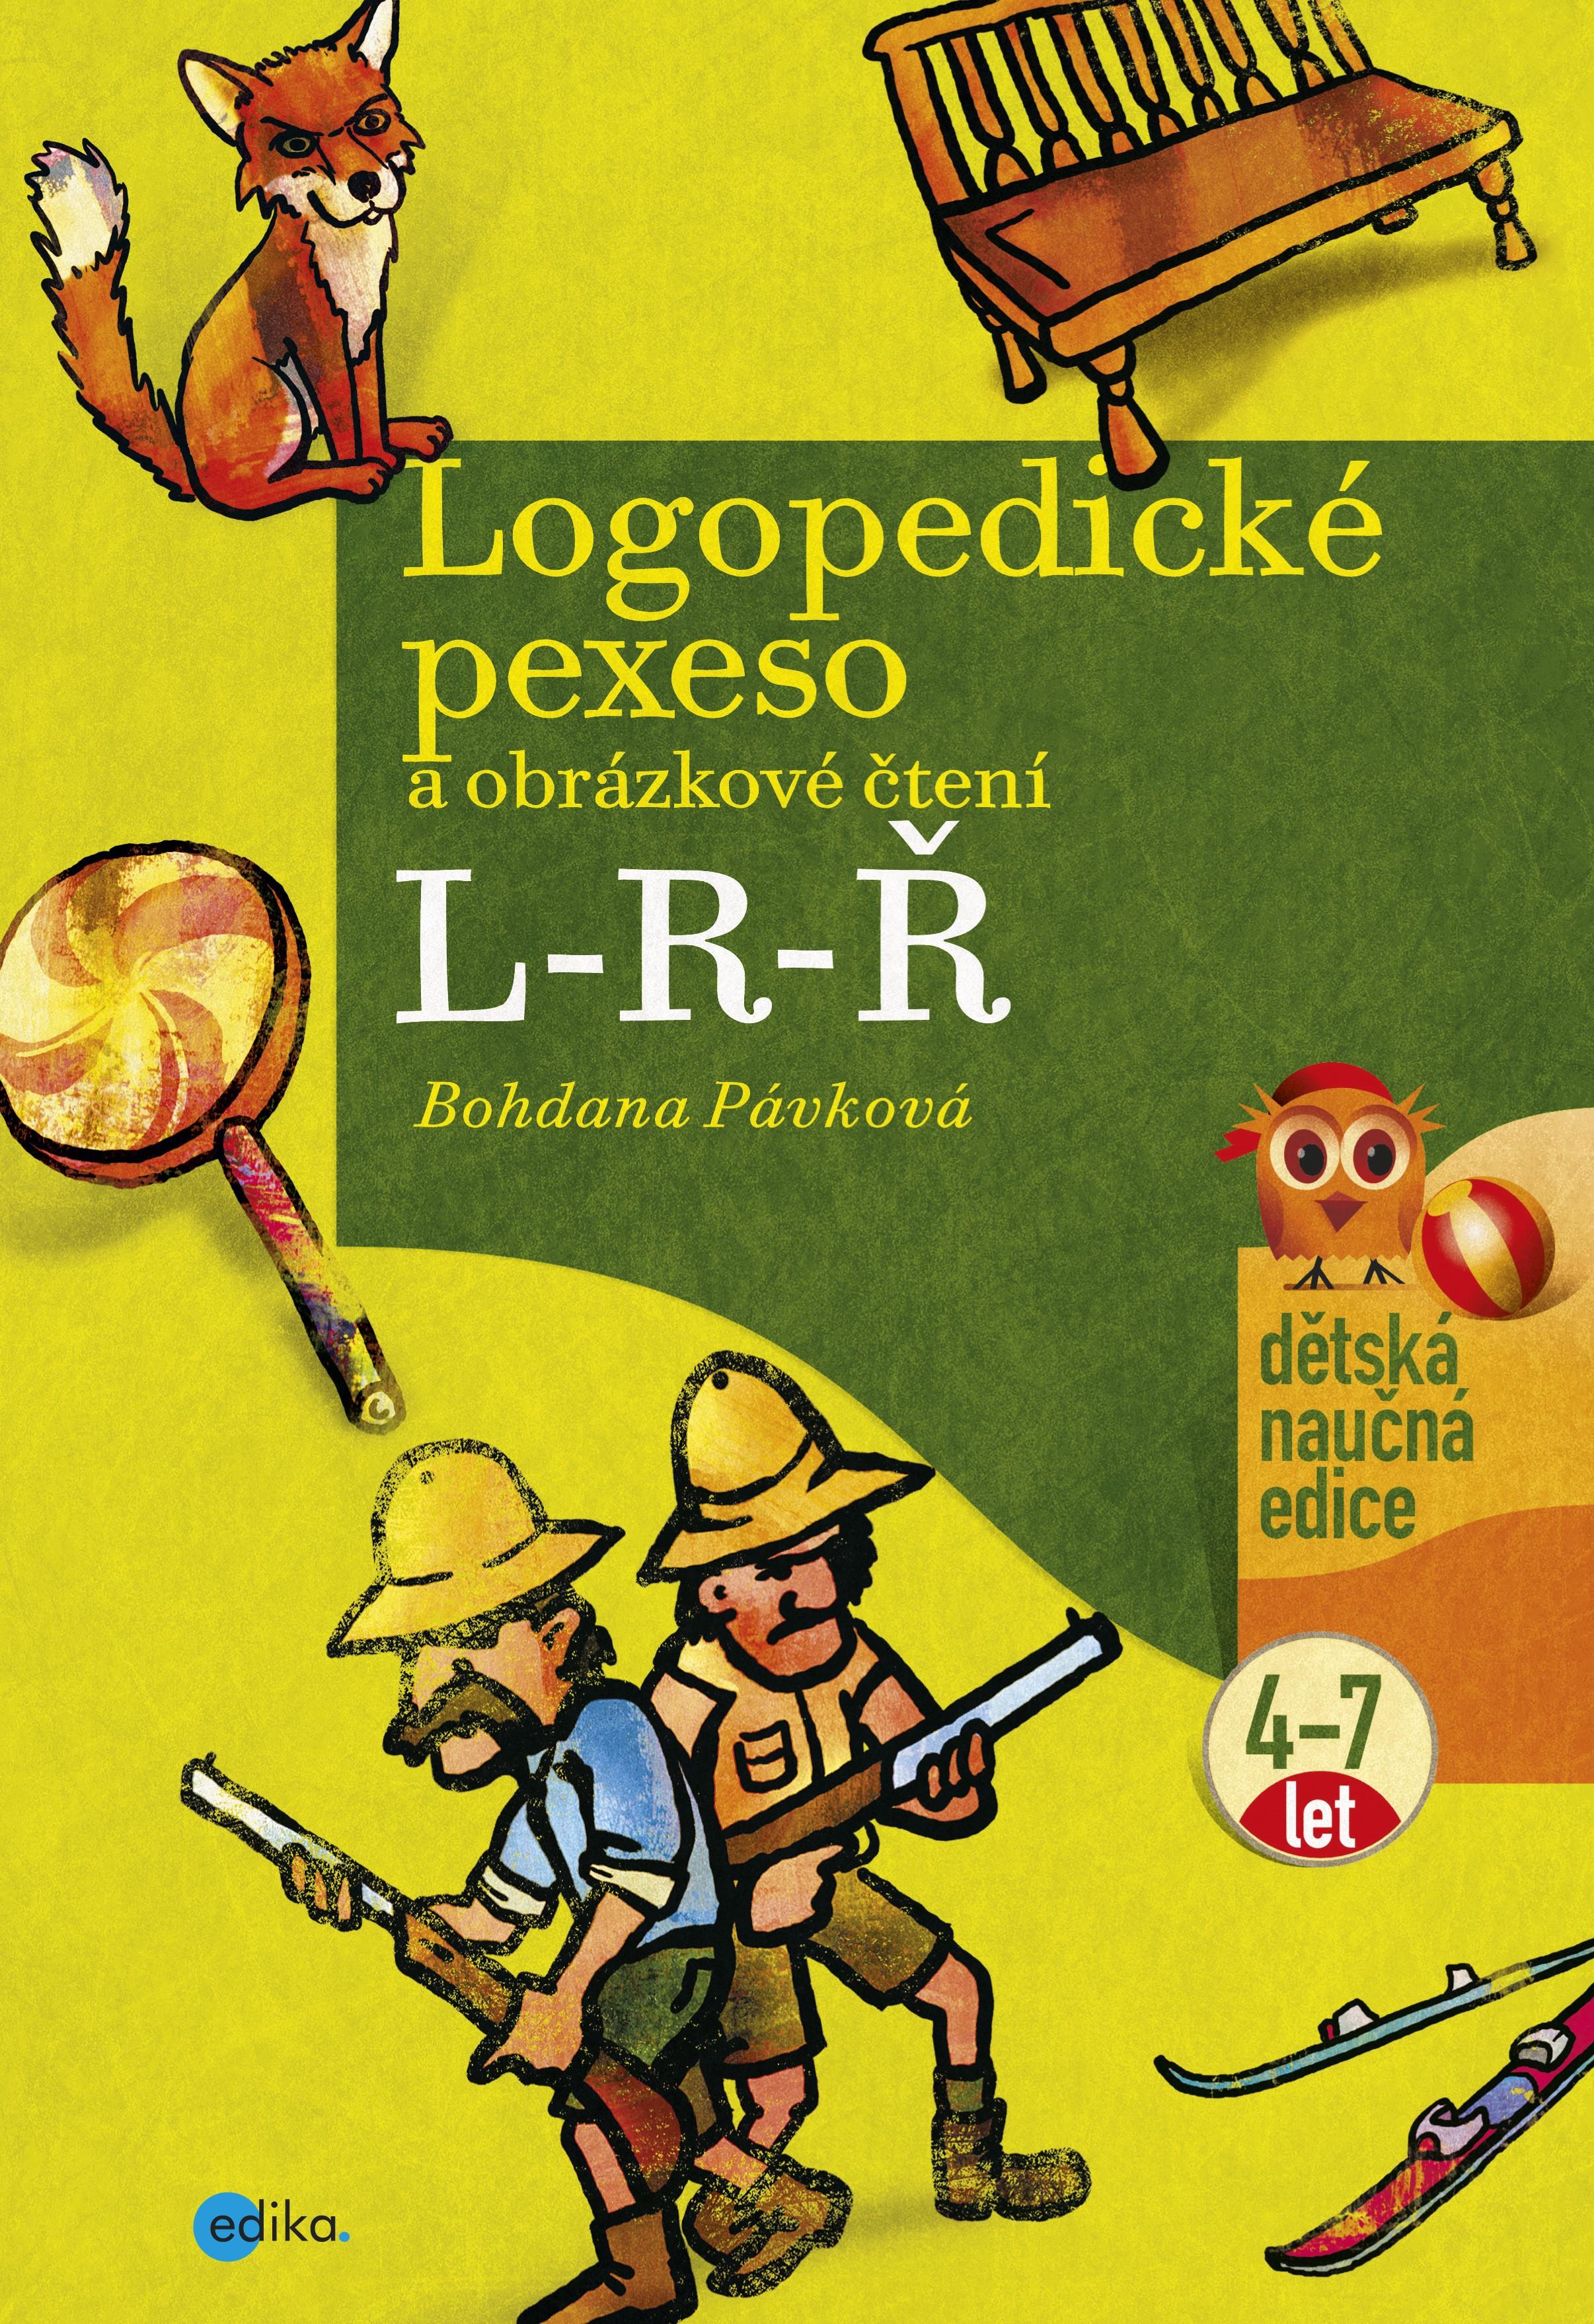 Logopedické pexeso a obrázkové čtení L-R-Ř | Bohdana Pávková